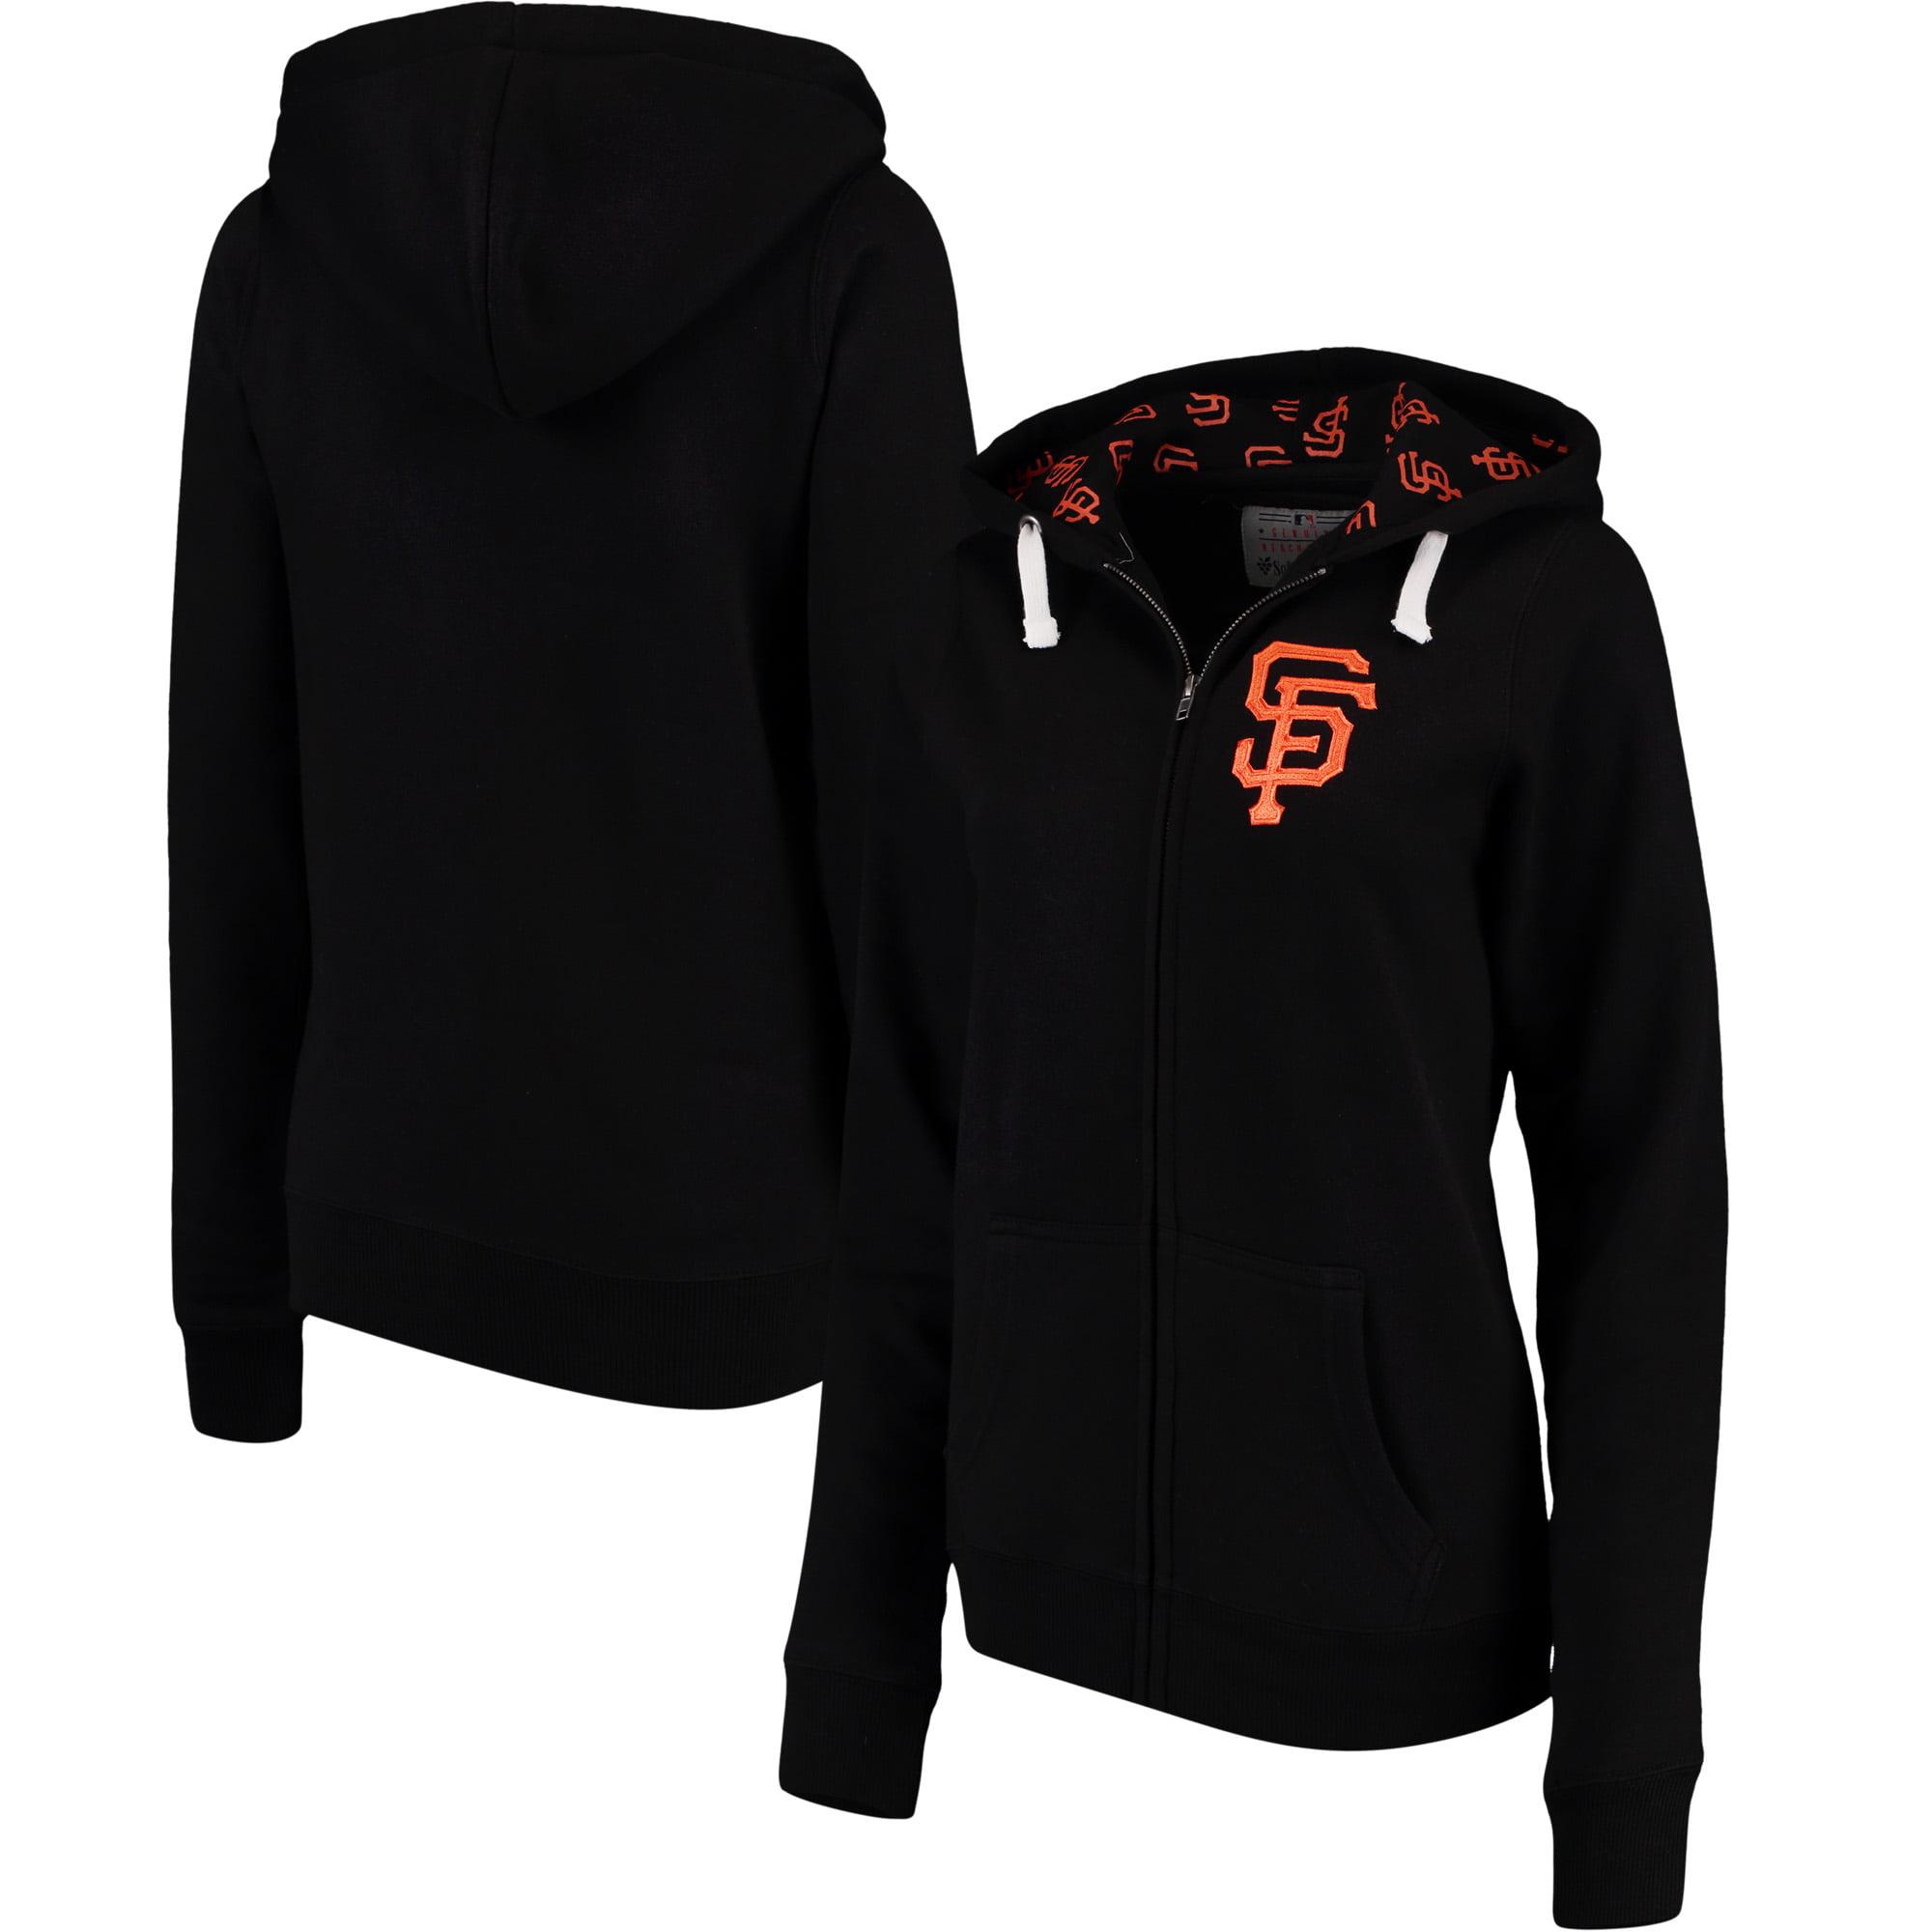 b9ee5ba01e0 San Francisco Giants Team Shop - Walmart.com